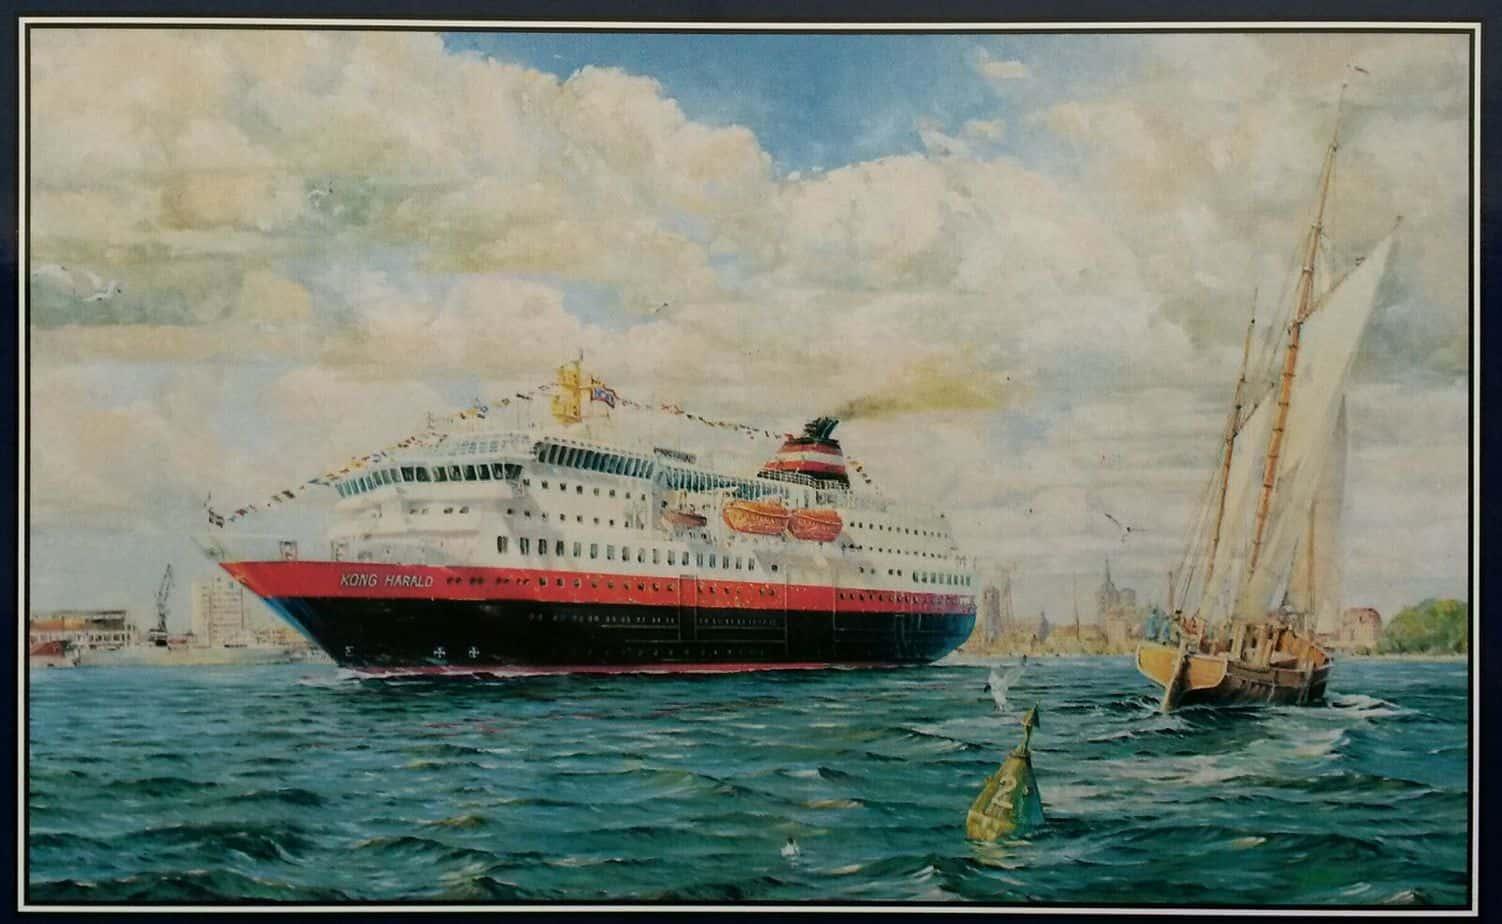 MS Richatd With verläßt Stralsund zur Jungfernfahrt (gemalt von Marinemaler Thomas Quatsling)